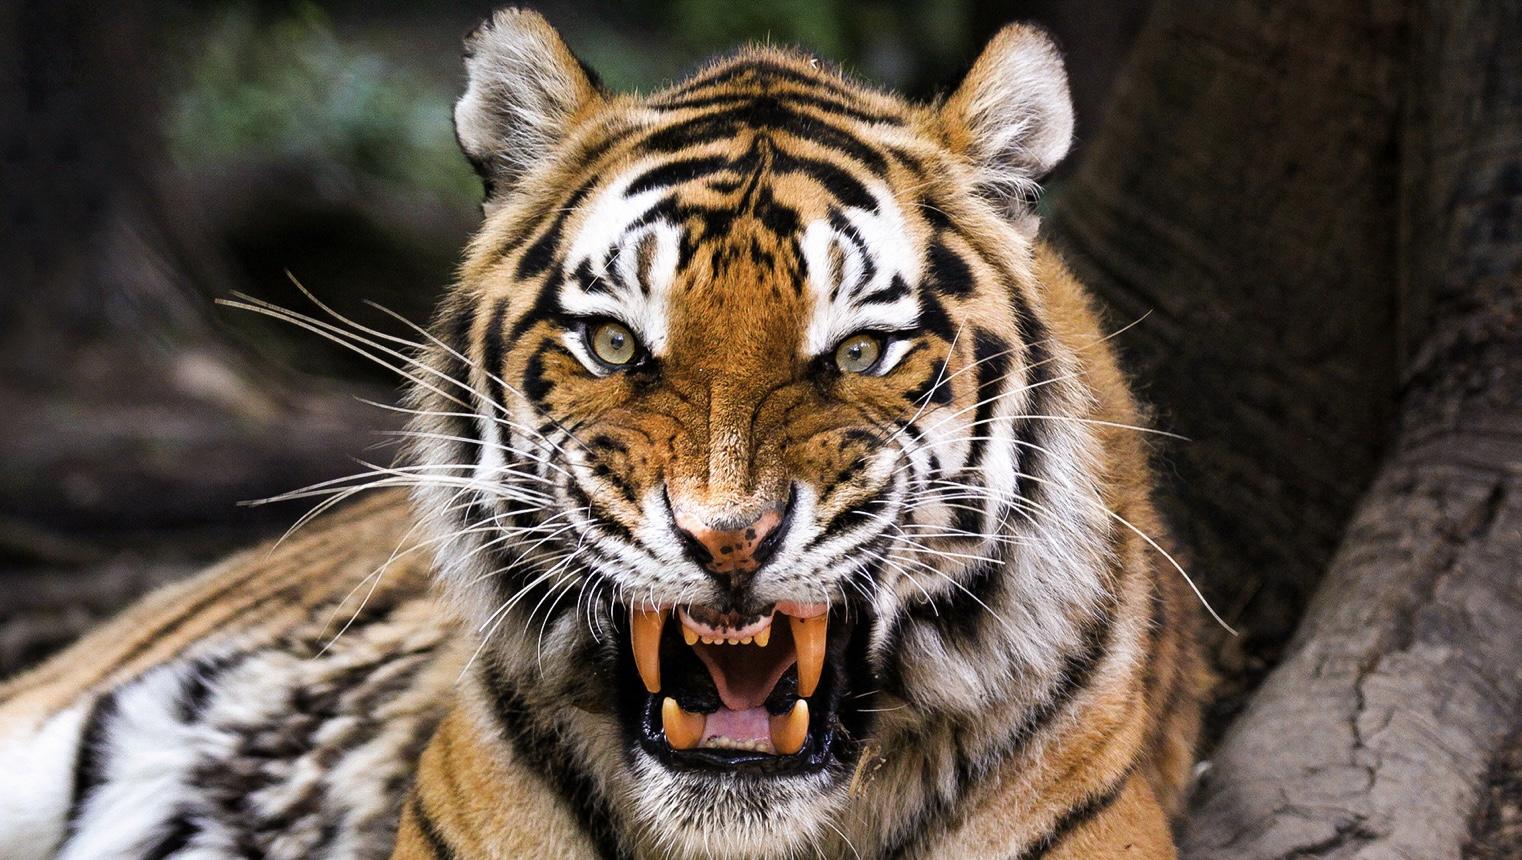 Hổ Siberia đấu gấu xám Bắc Mỹ: Con nào có thể ăn thịt con nào? - 4